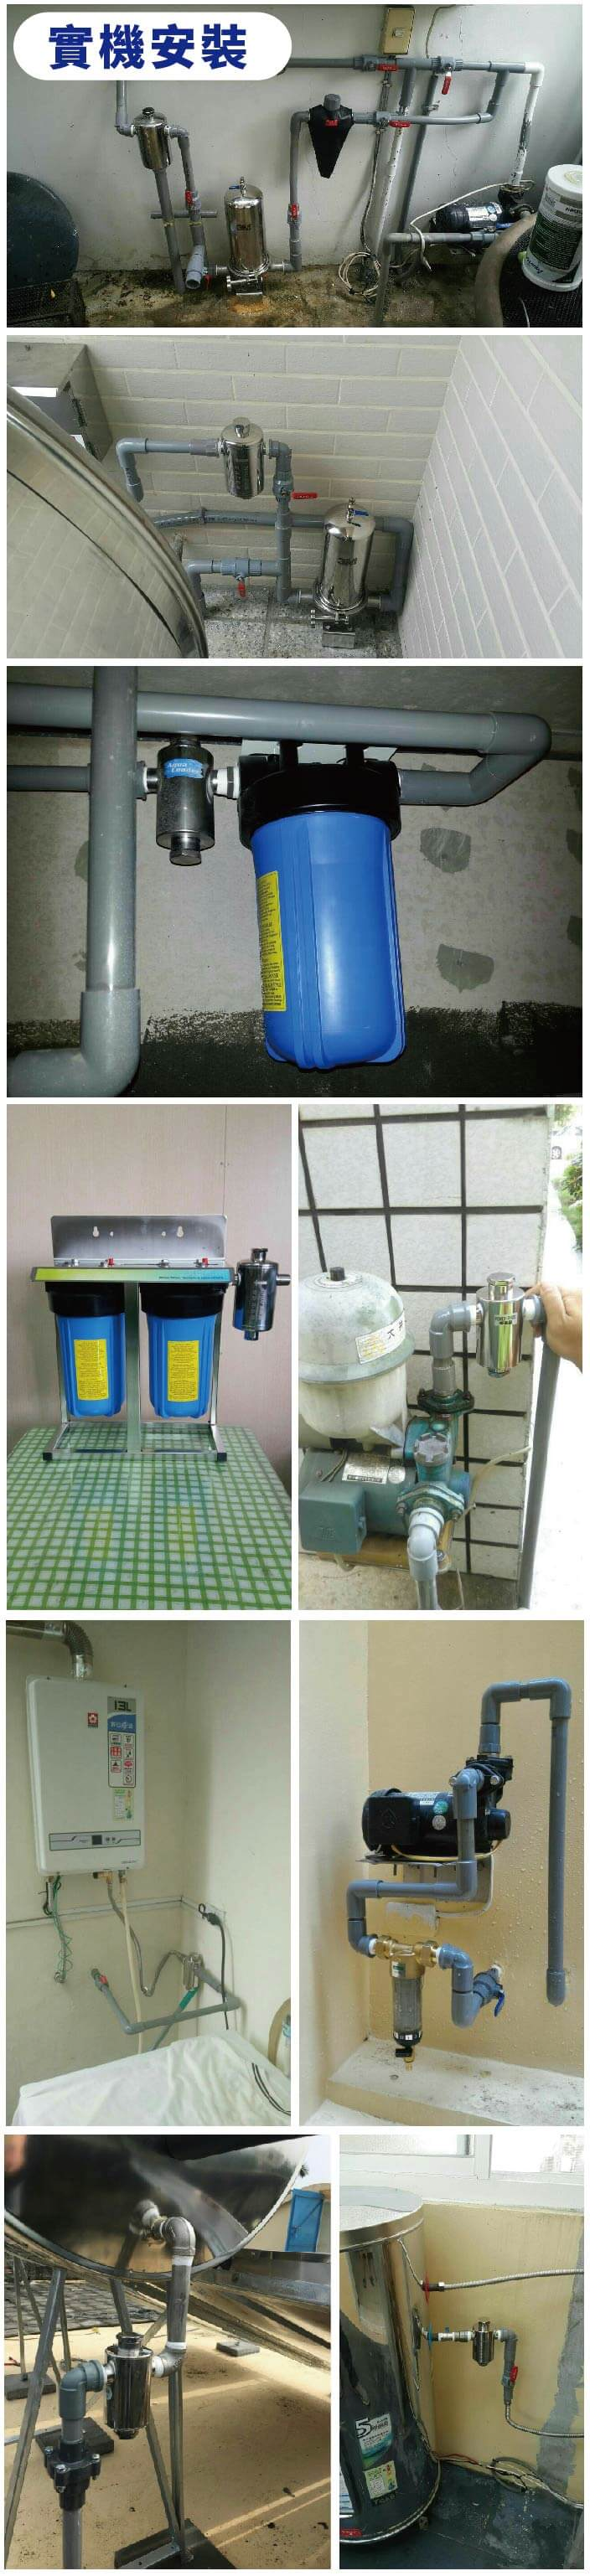 水管抑垢器安裝